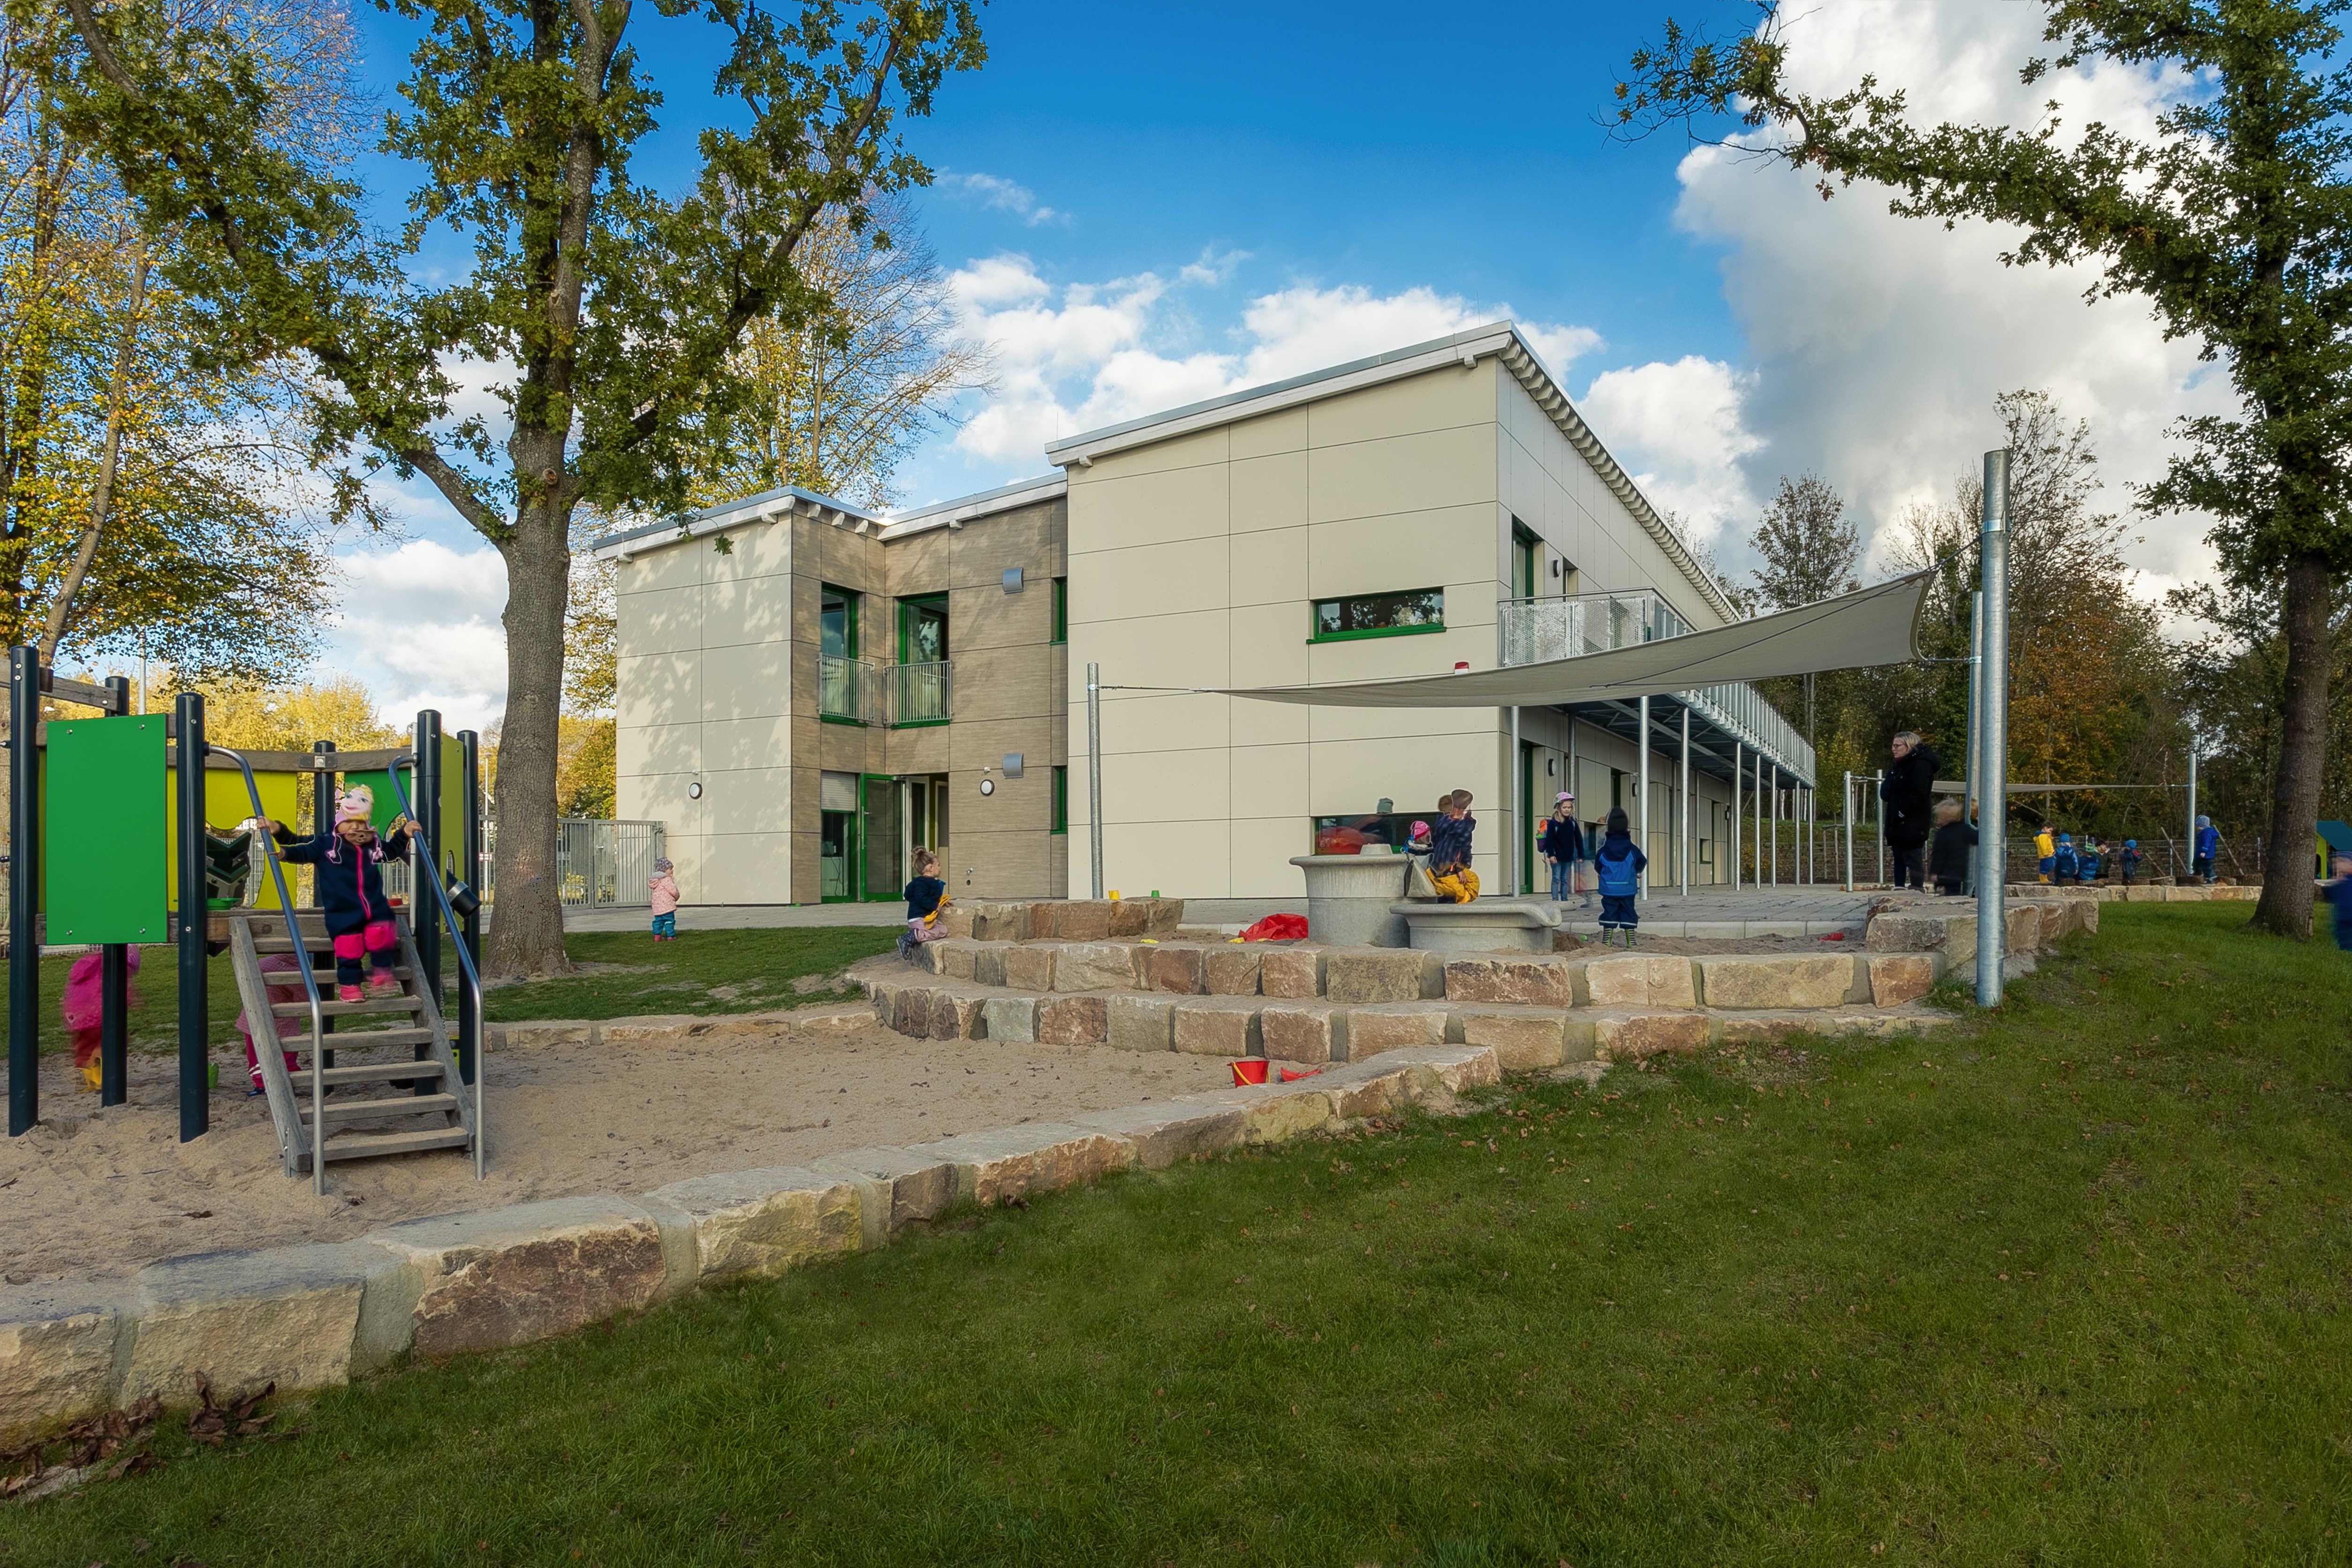 Foto: Ansicht des Neubaus der KiTa Katthult aus Westen. Das Bild zeigt den zweigeschossigen Neubau. Vor dem Gebäude liegt ein Sandspielplatz mit Spielgeräten und einem durch Sonnensegel überdachten Außenbereich der von spielenden Kindern genutzt wird.